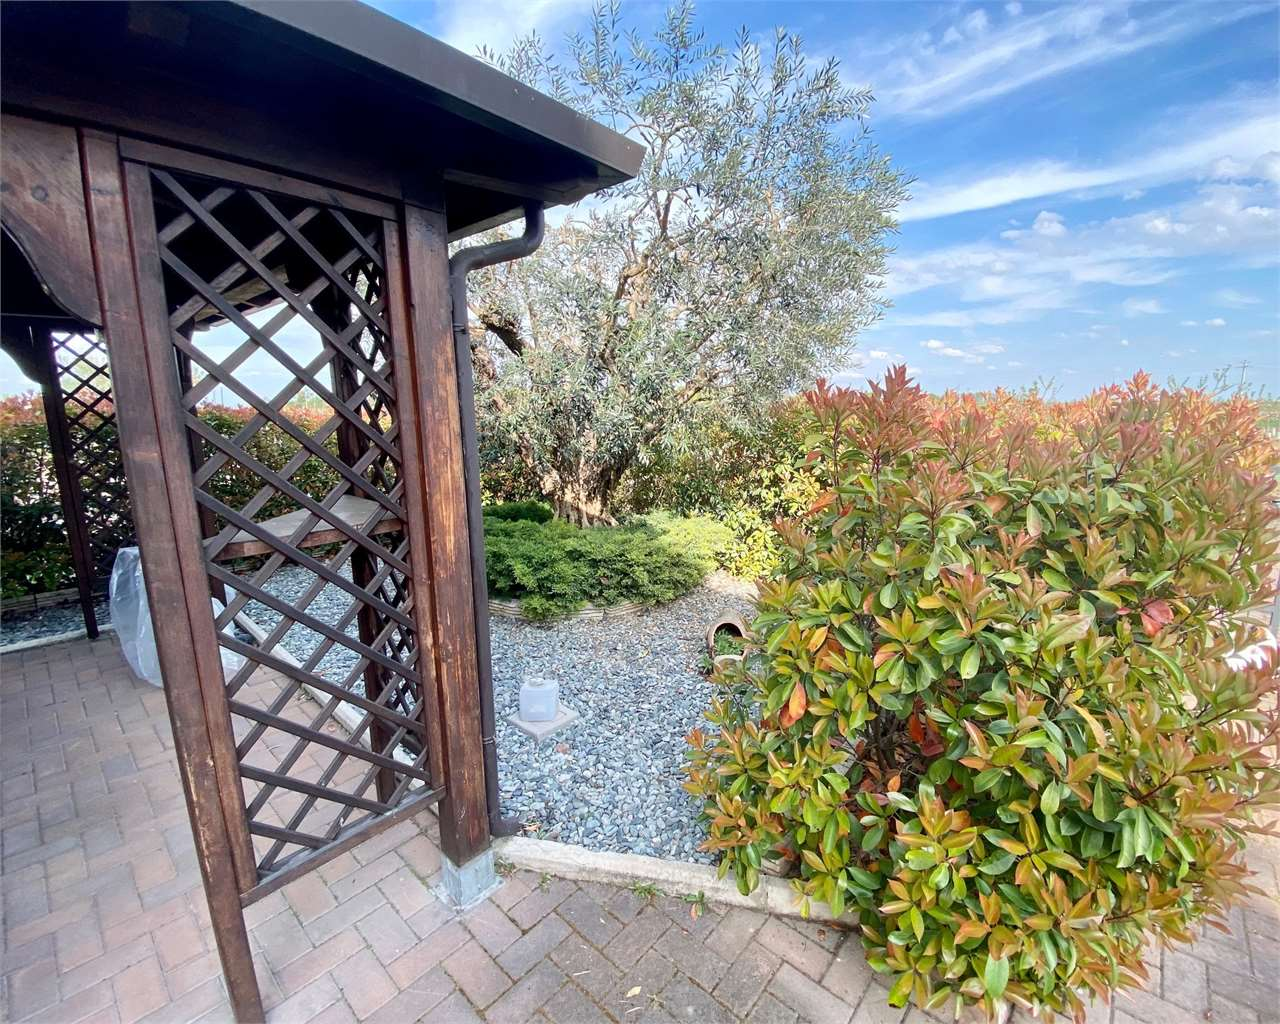 Villa Bifamiliare in vendita a Campogalliano, 4 locali, prezzo € 280.000   CambioCasa.it